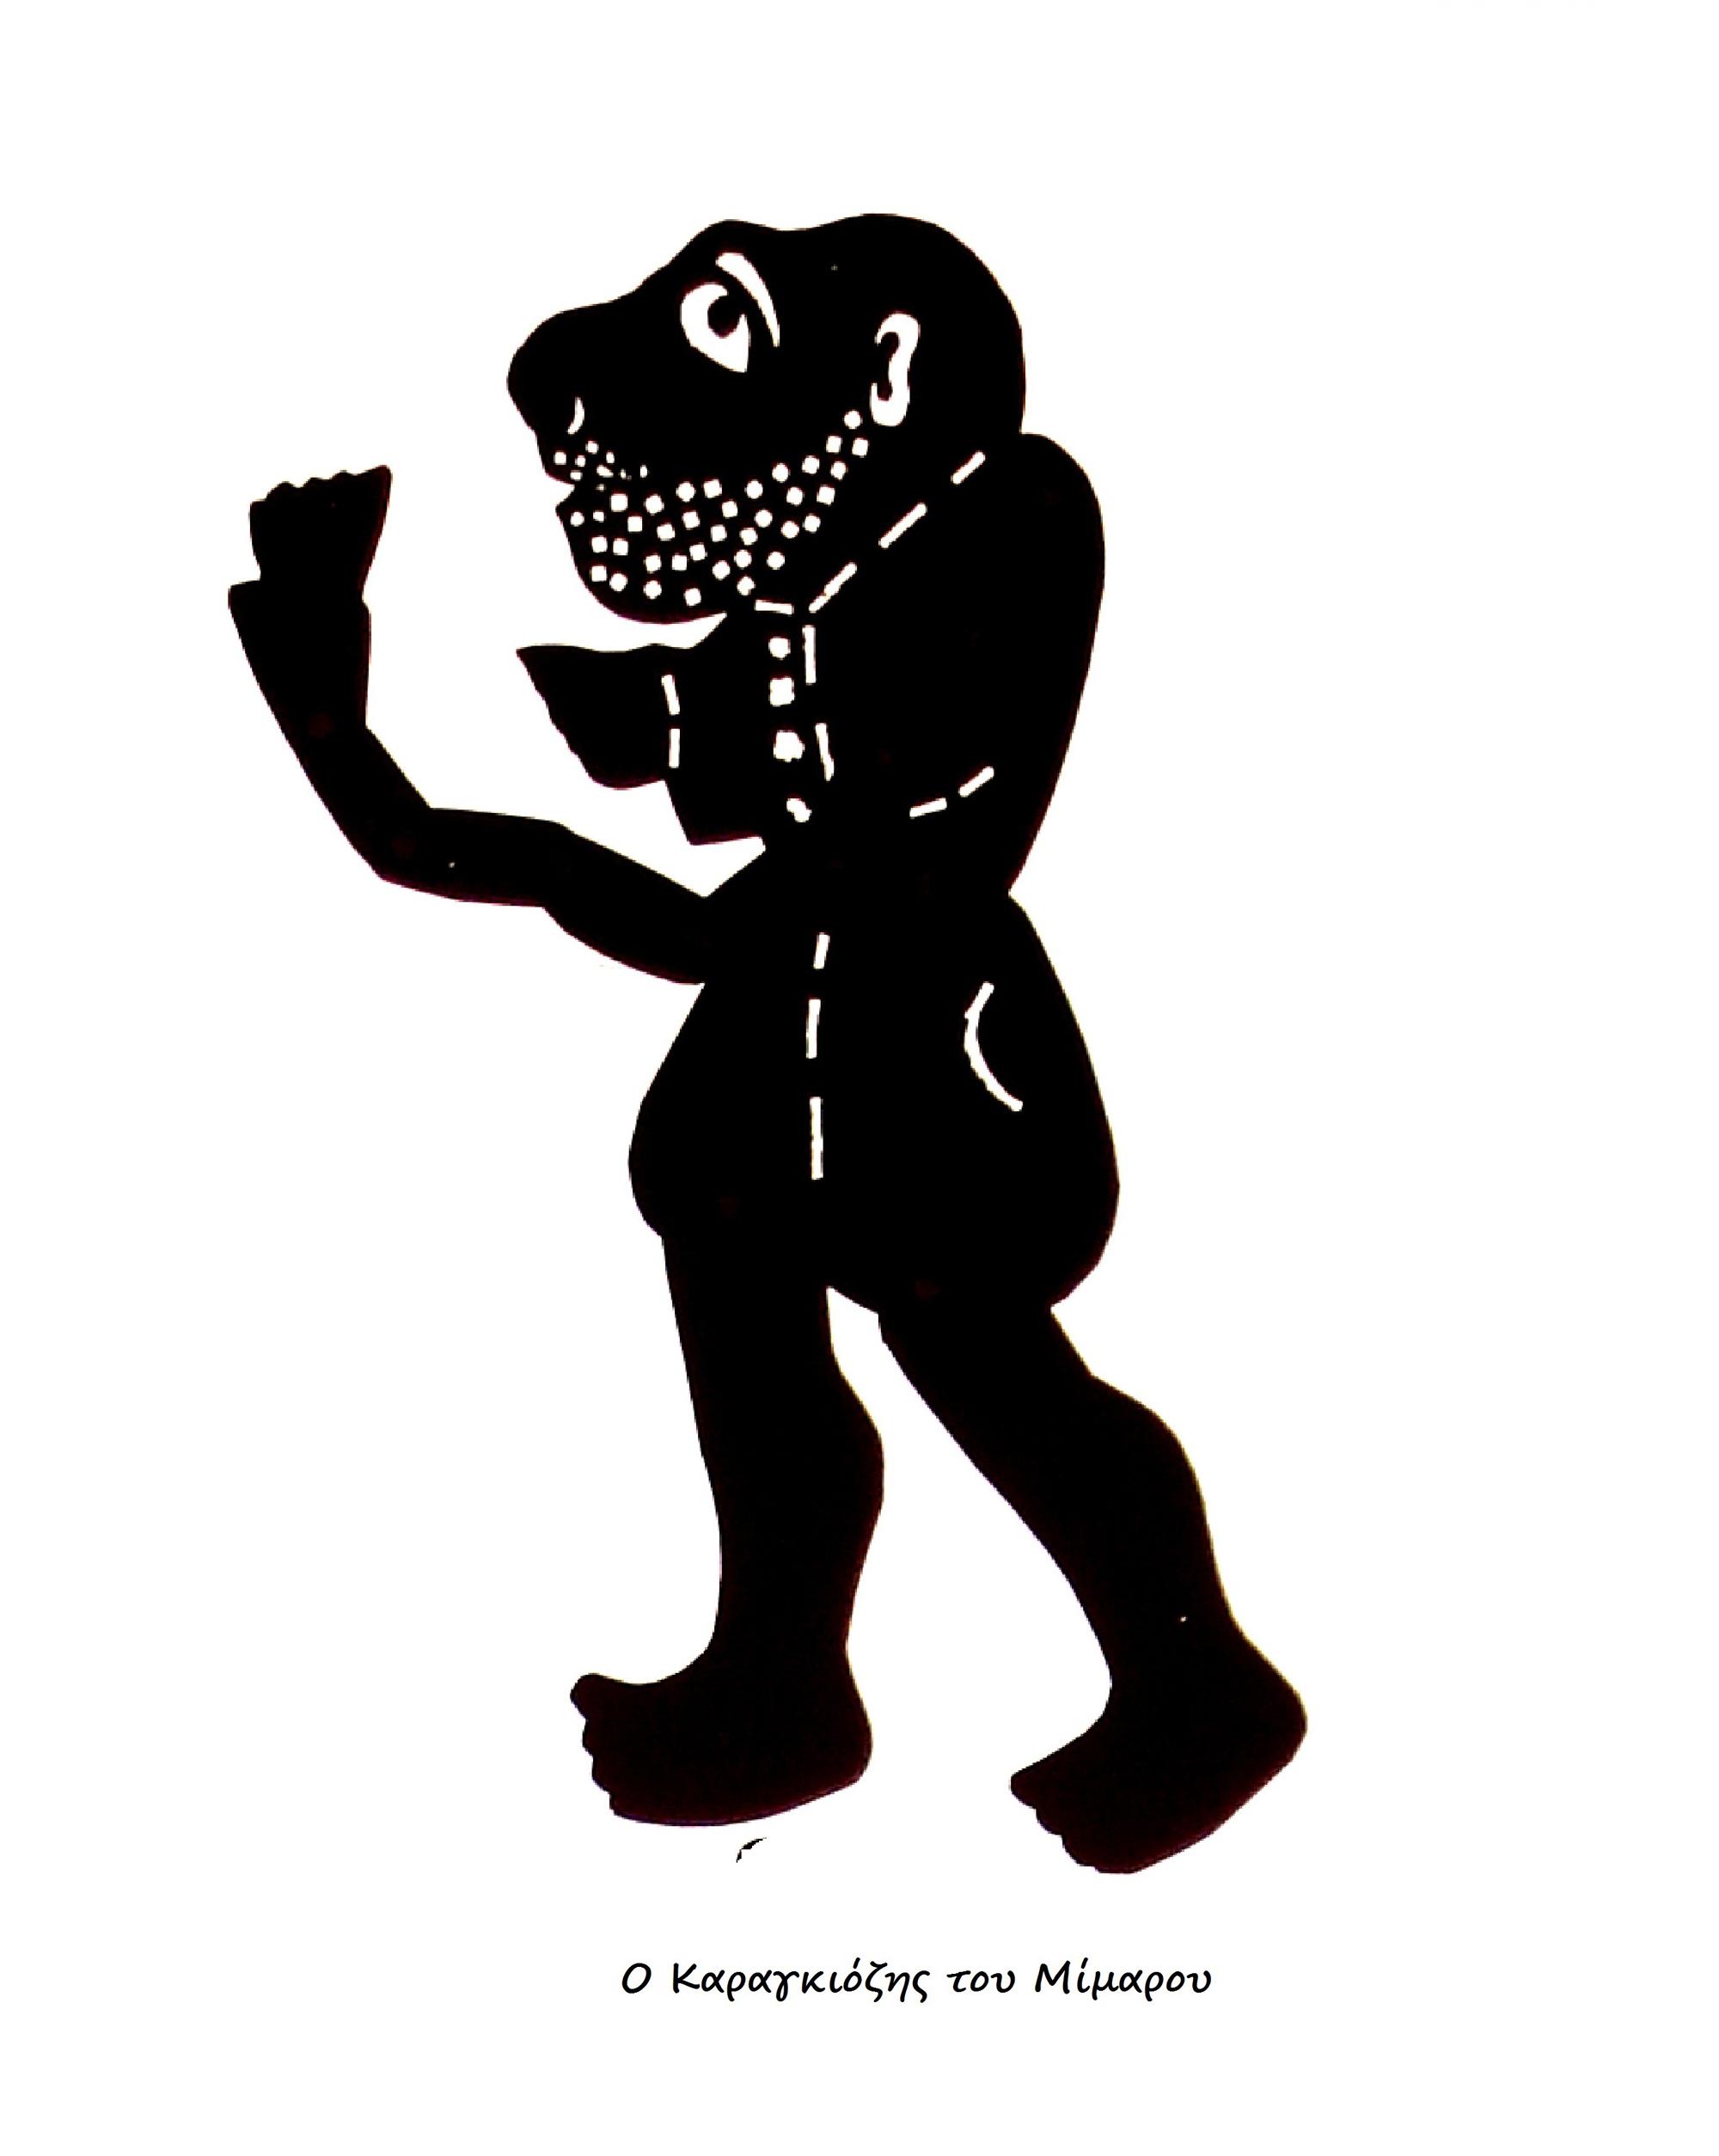 Καραγκιόζης του Μίμαρου, Σπαθάρειο Μουσείο - Αρχαιολογία Online